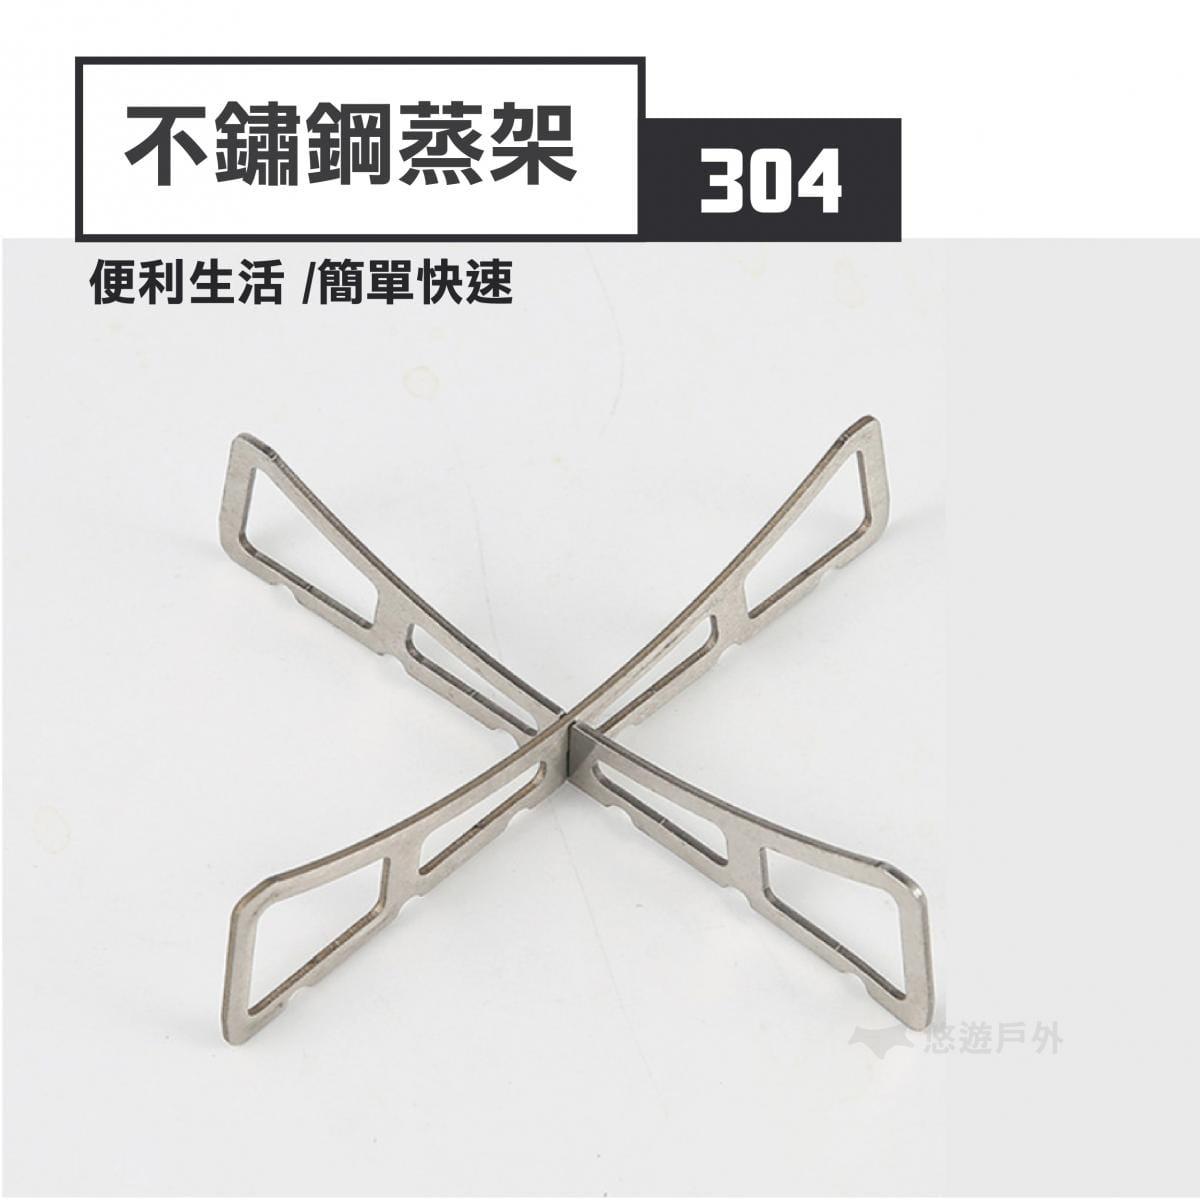 【悠遊戶外】304不鏽鋼蒸架